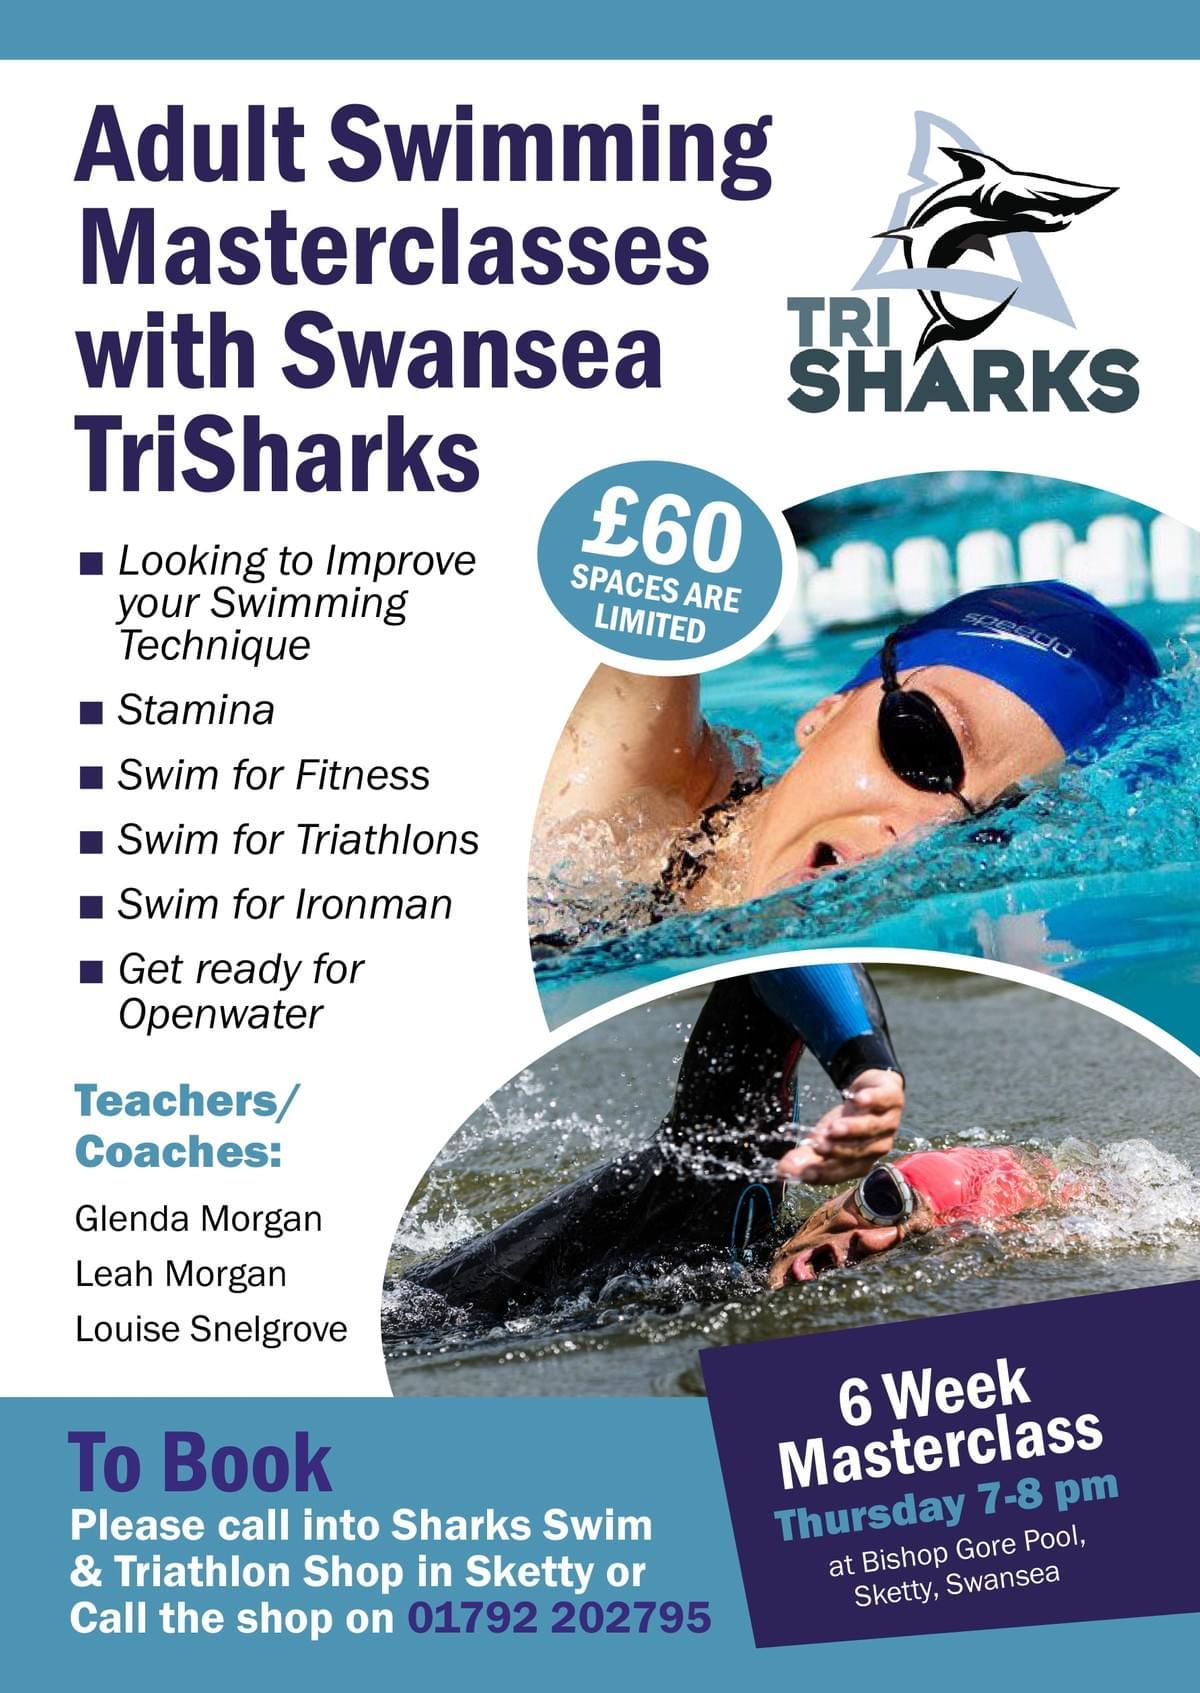 Swansea TriSharks Triathlon Club